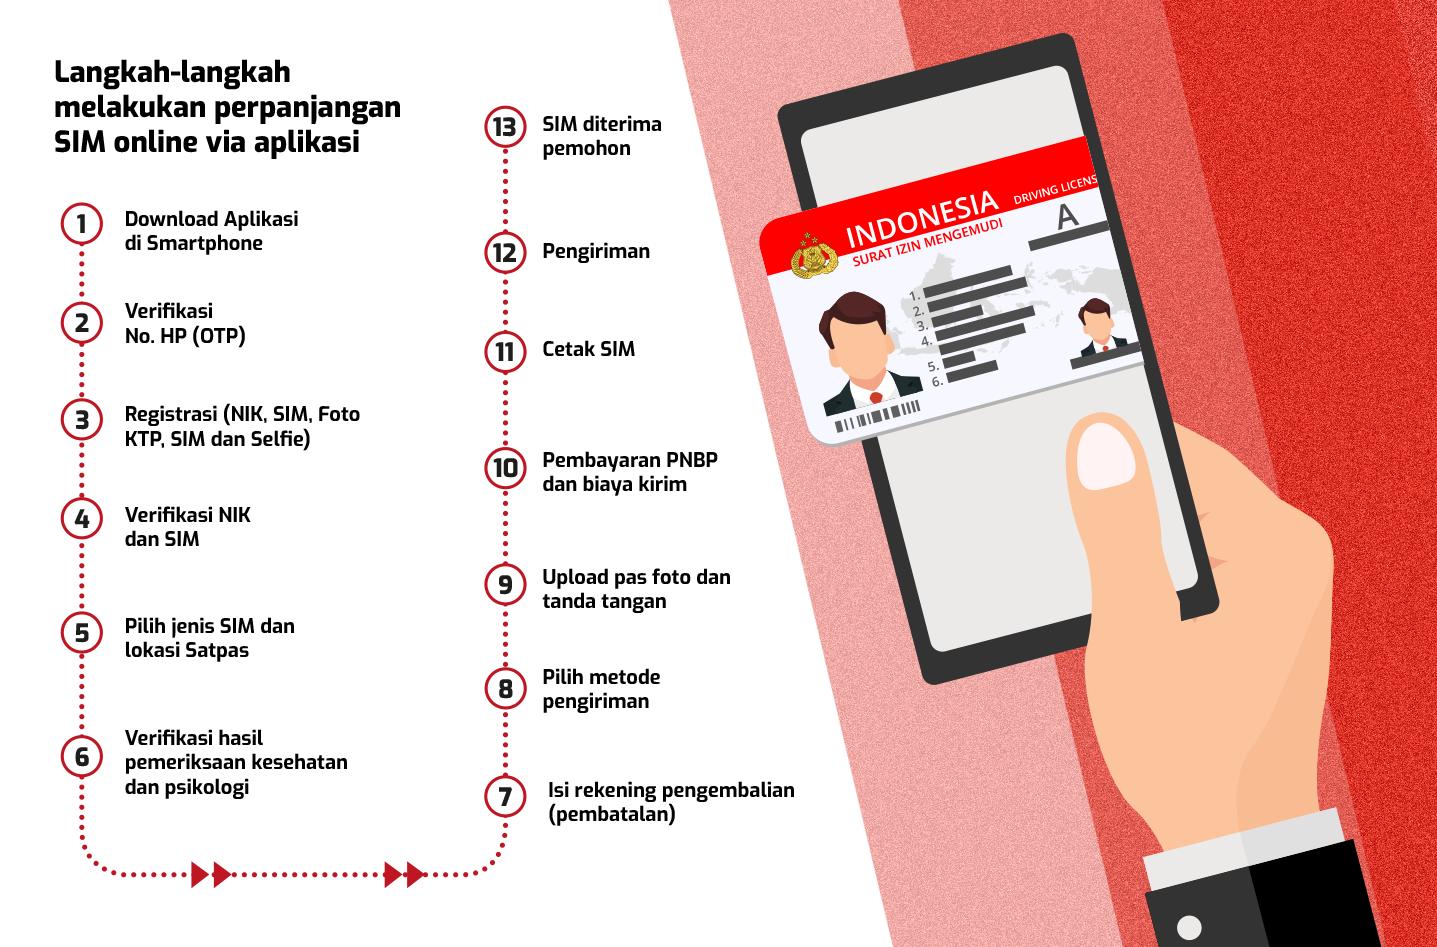 Langkah Perpanjang SIM melalui Aplikasi di Smartphone